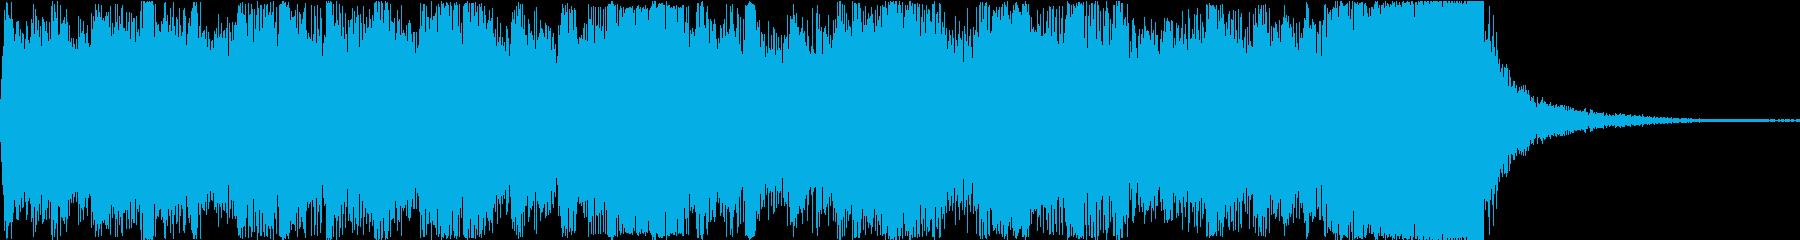 現代の交響曲 クラシック交響曲 新...の再生済みの波形